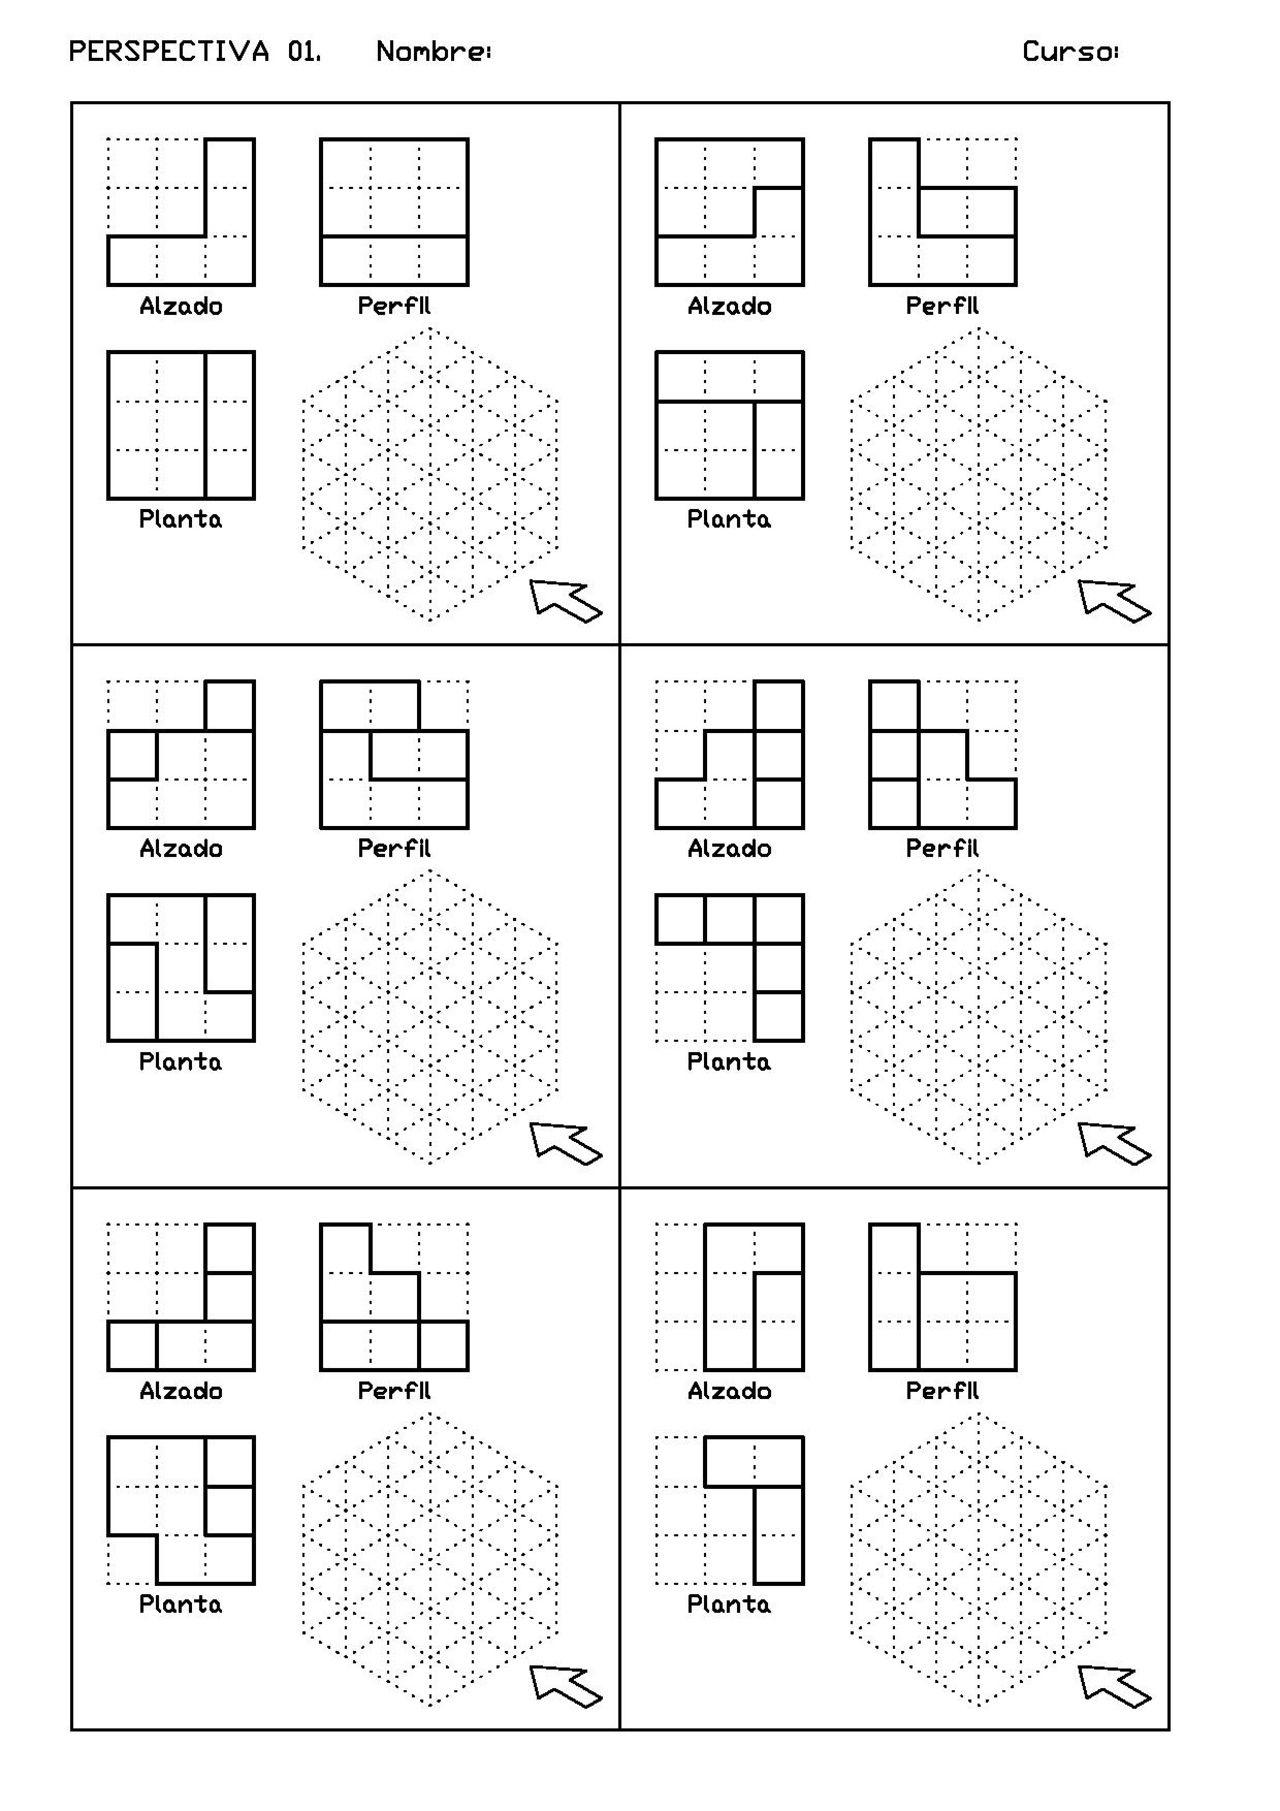 Ejercicios De Vistas Y Perspectivas Alzado Derecho Piezas Simples Dibujo Perspectiva Ejercicios De Dibujo Tecnicas De Dibujo